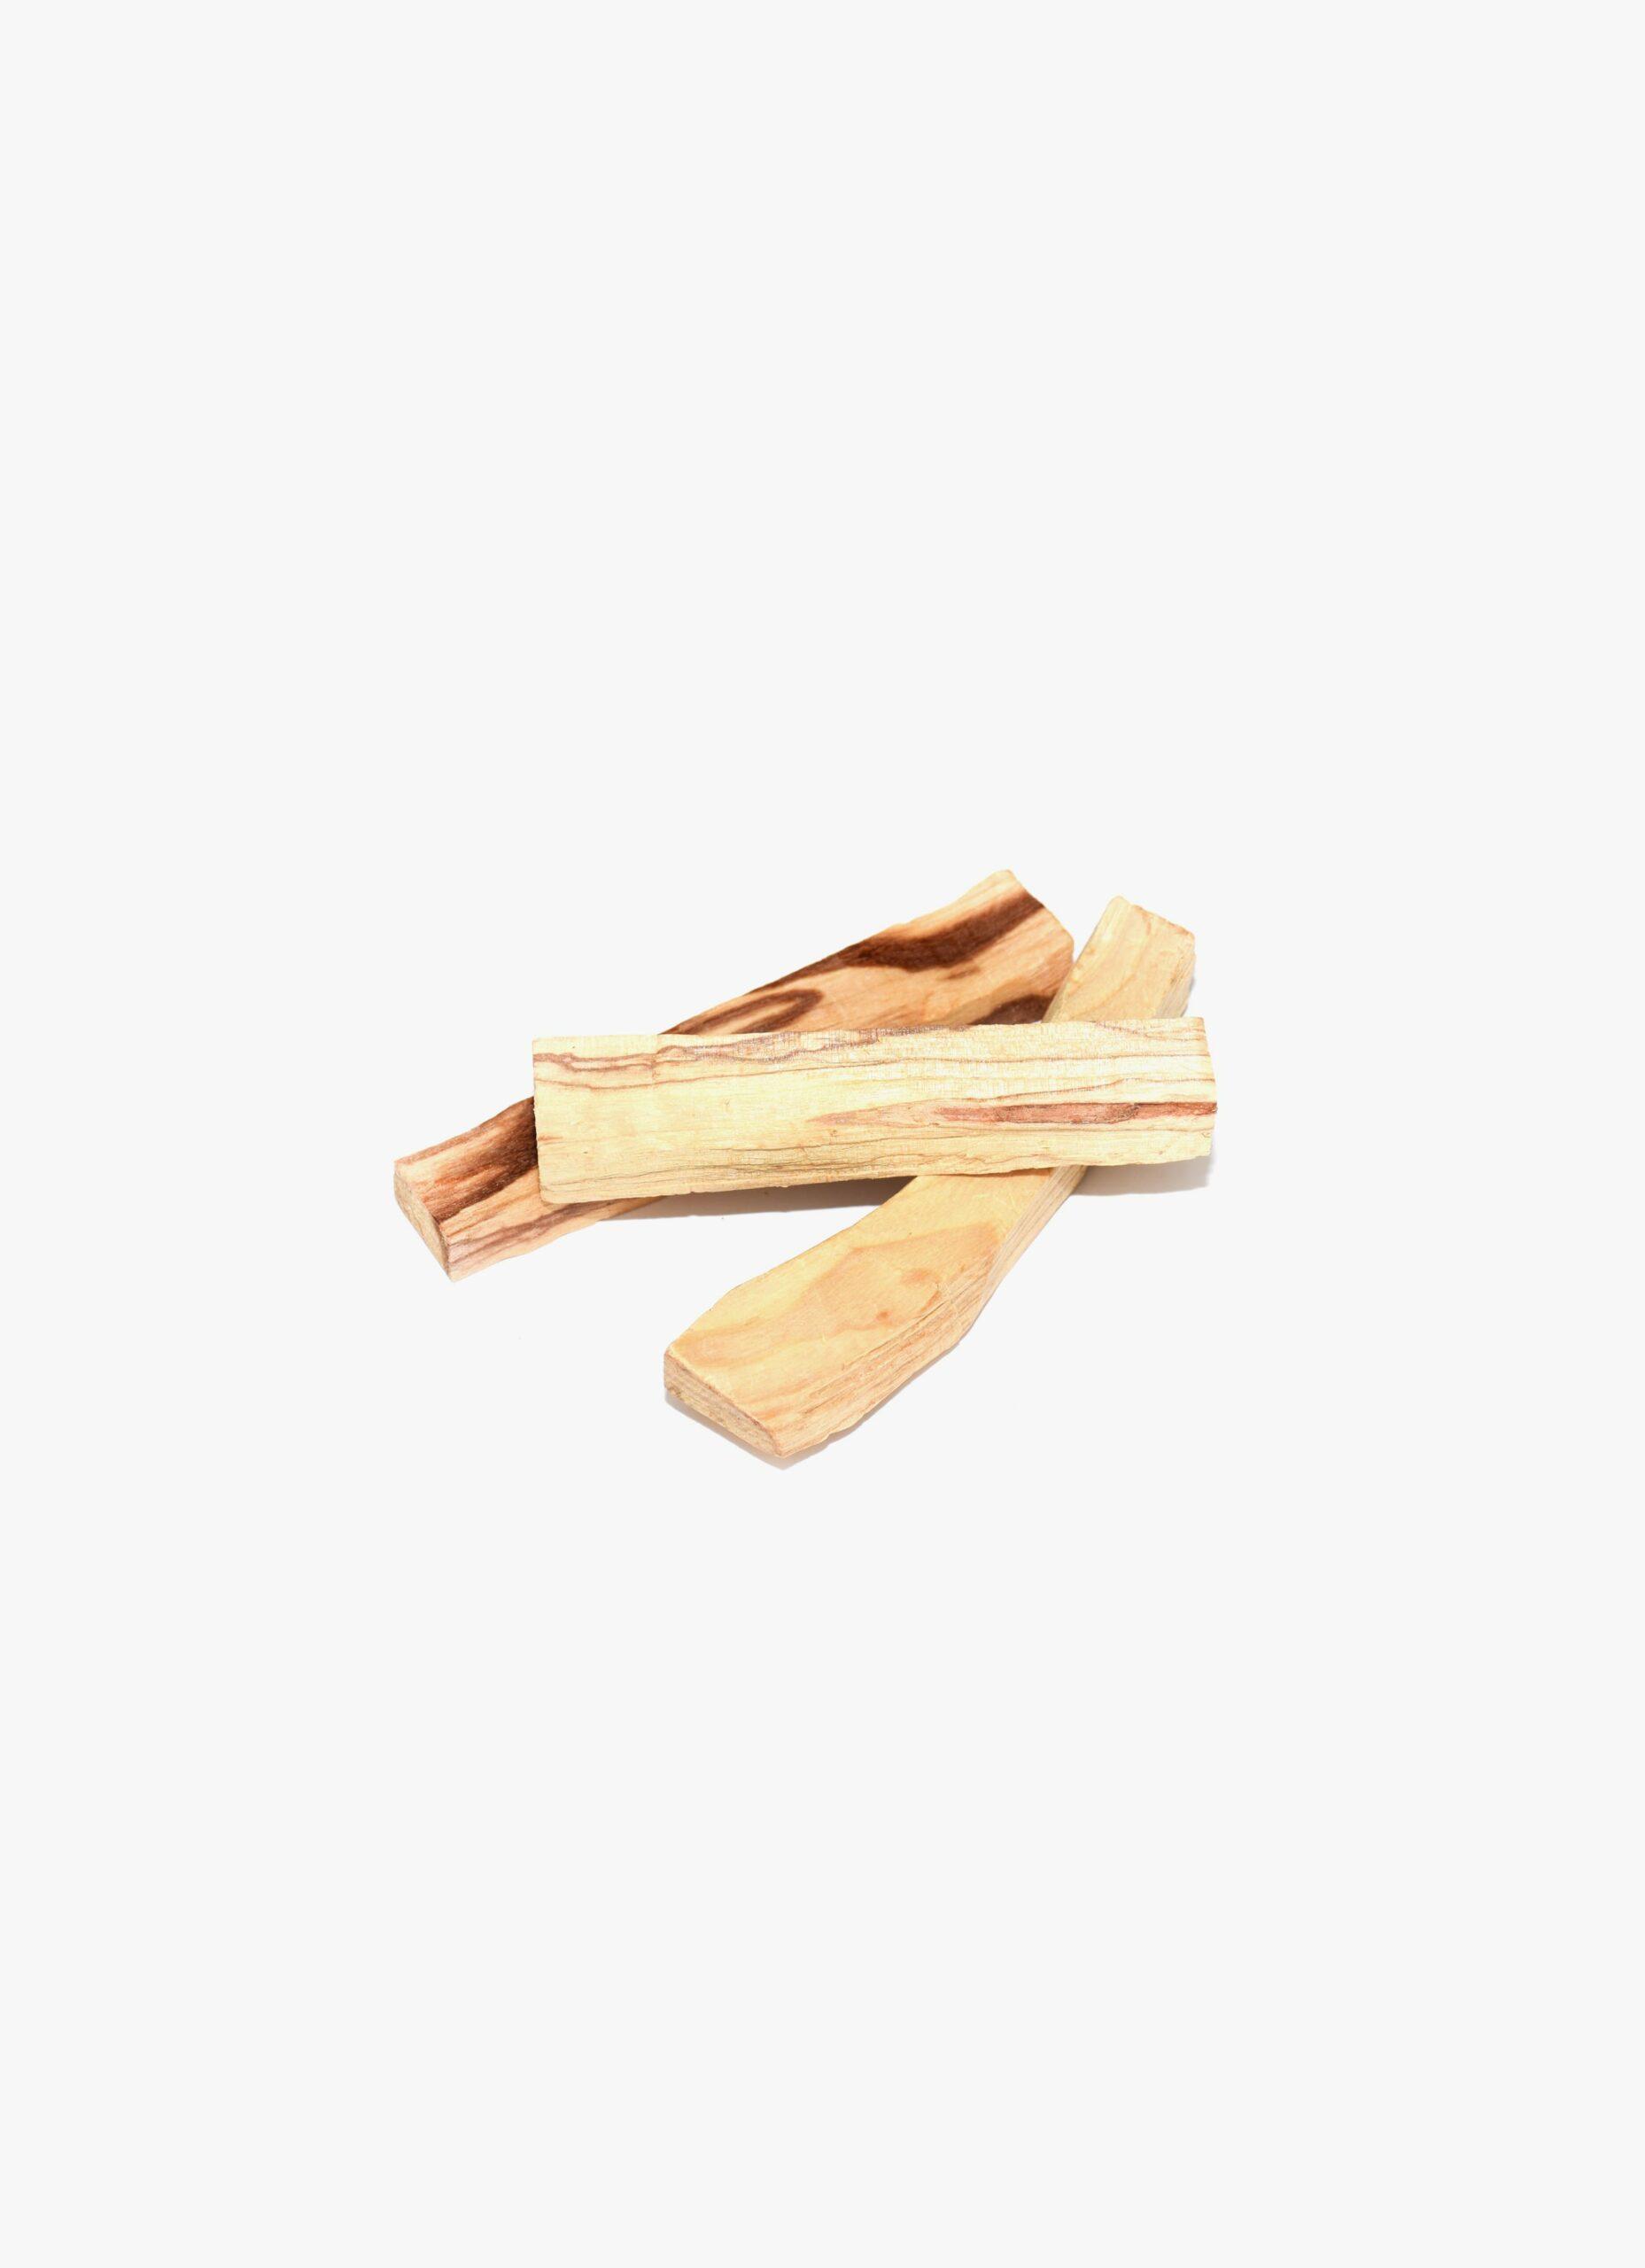 Incausa - Large Palo Santo Wood Stick - 10 to 15cm